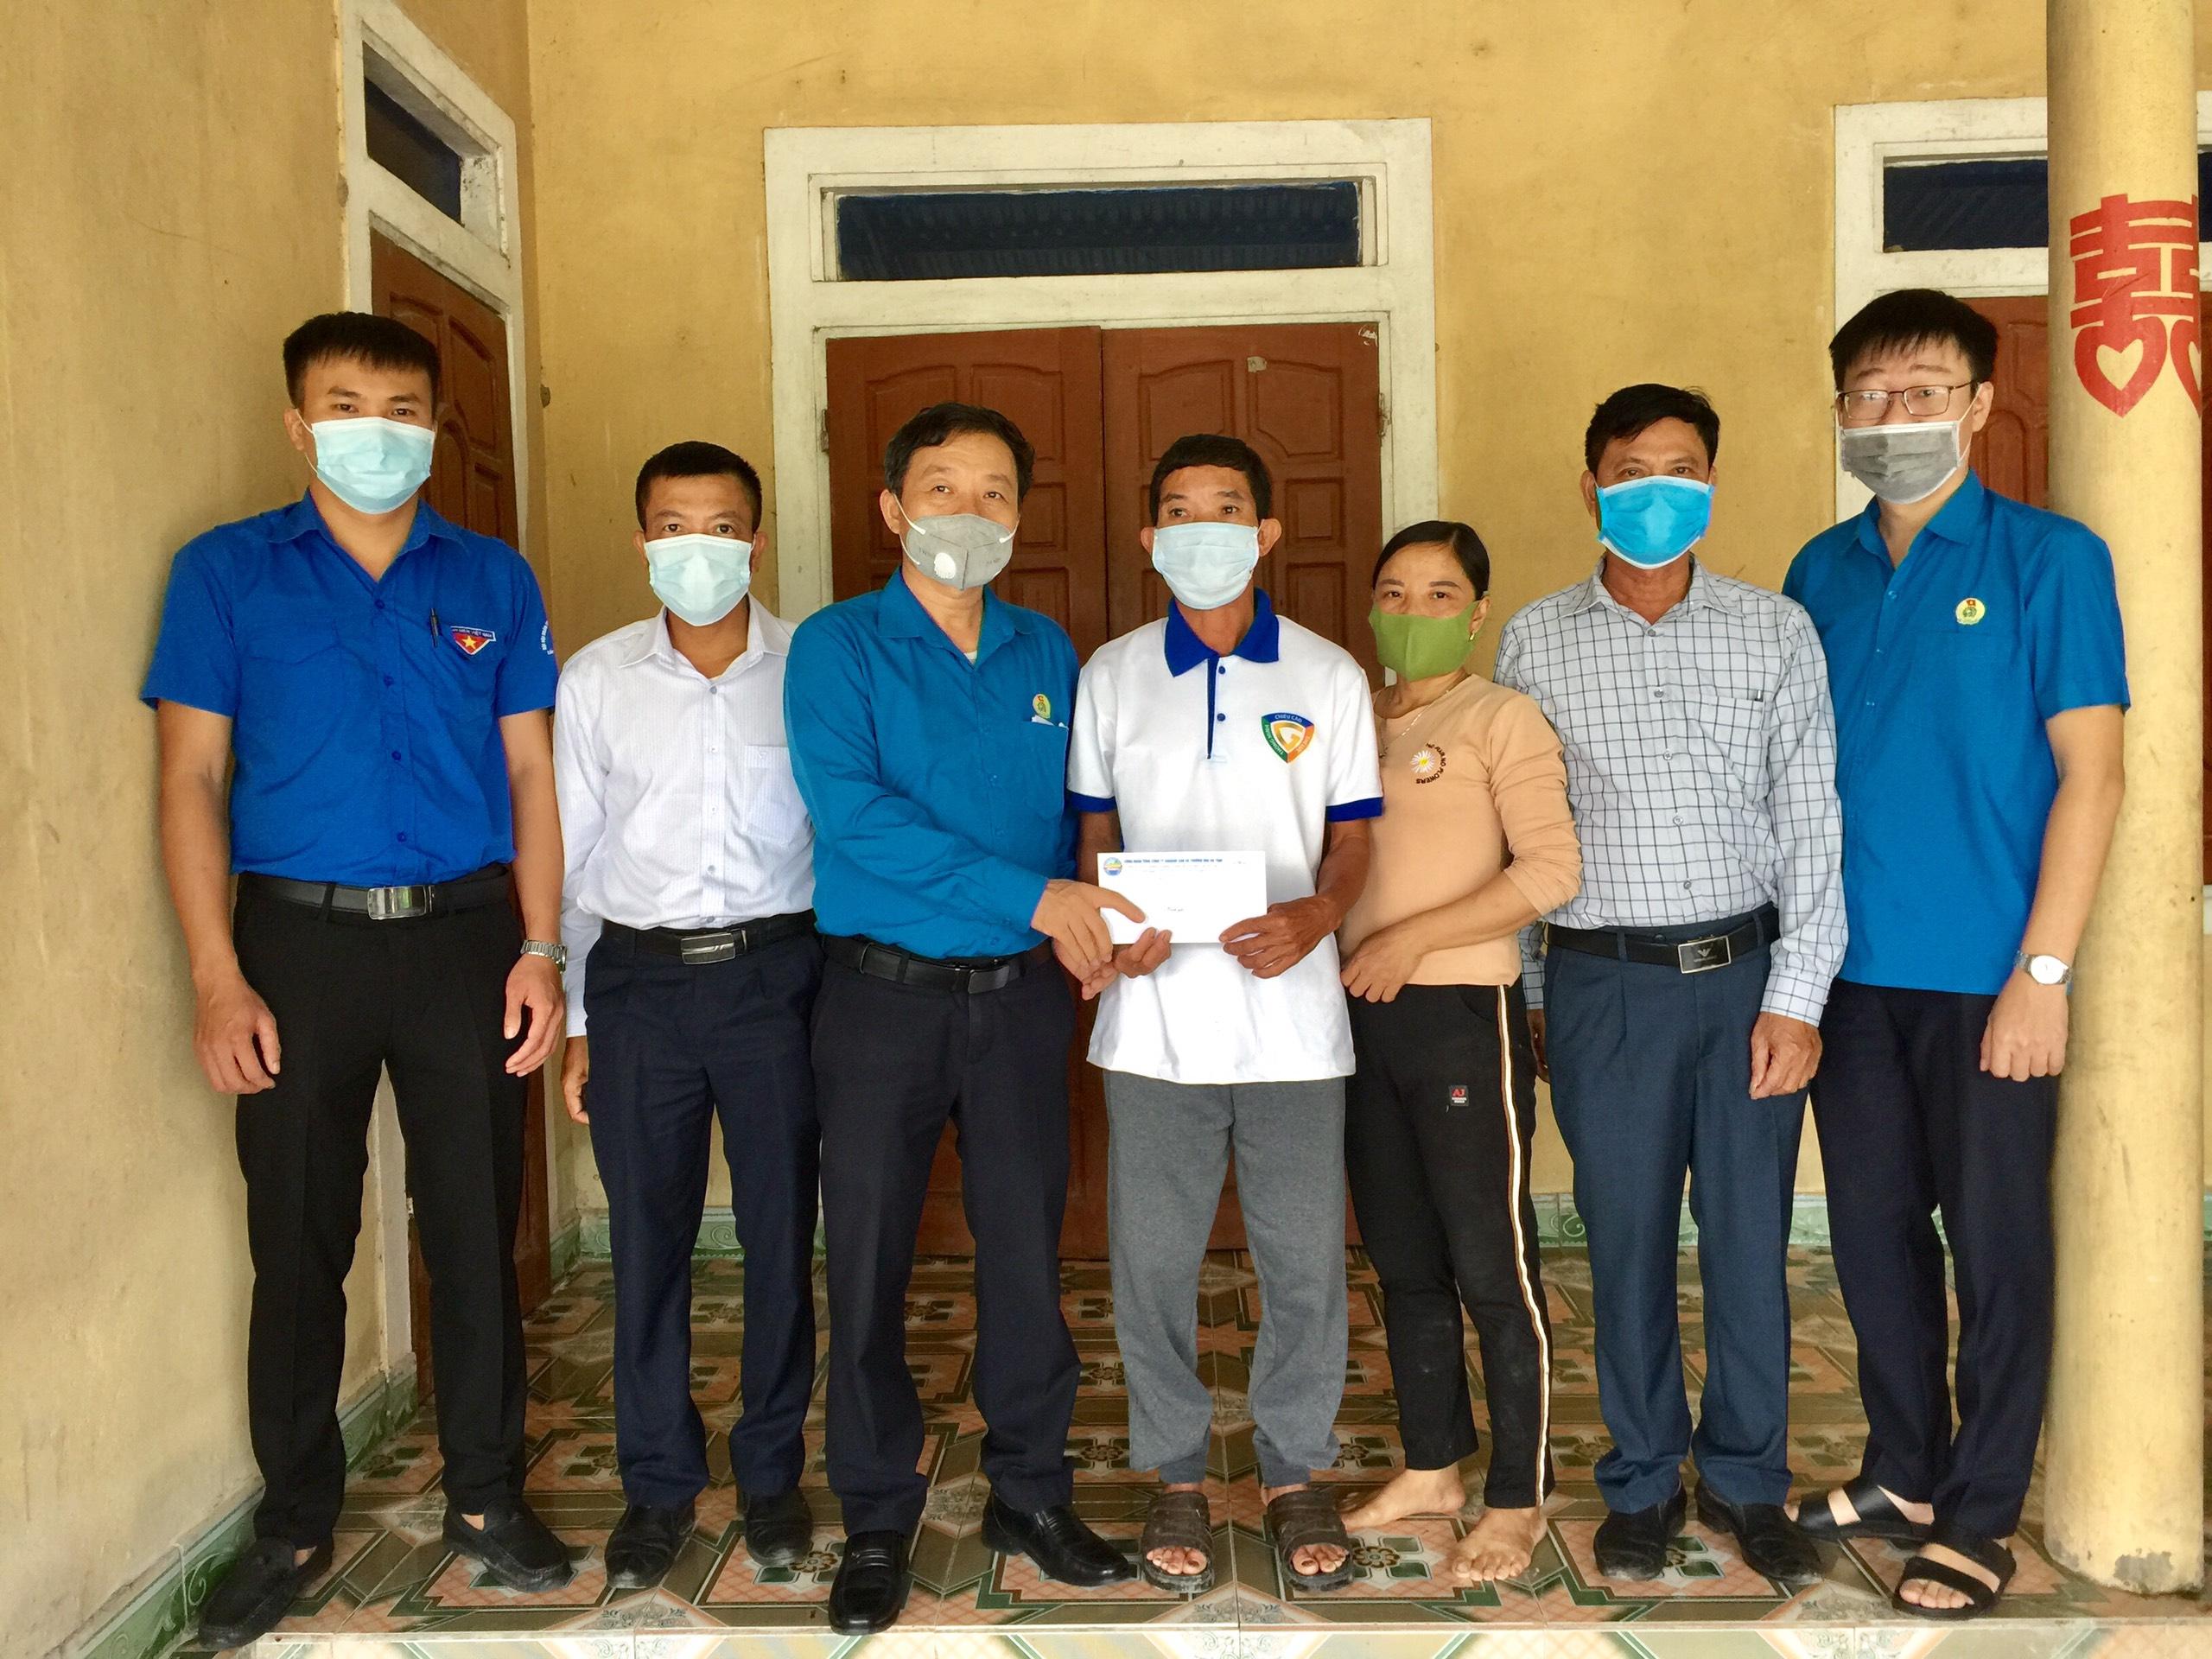 Công đoàn Mitraco trích Quỹ tình thương trao quà  hỗ trợ CNLĐ vượt qua khó khăn